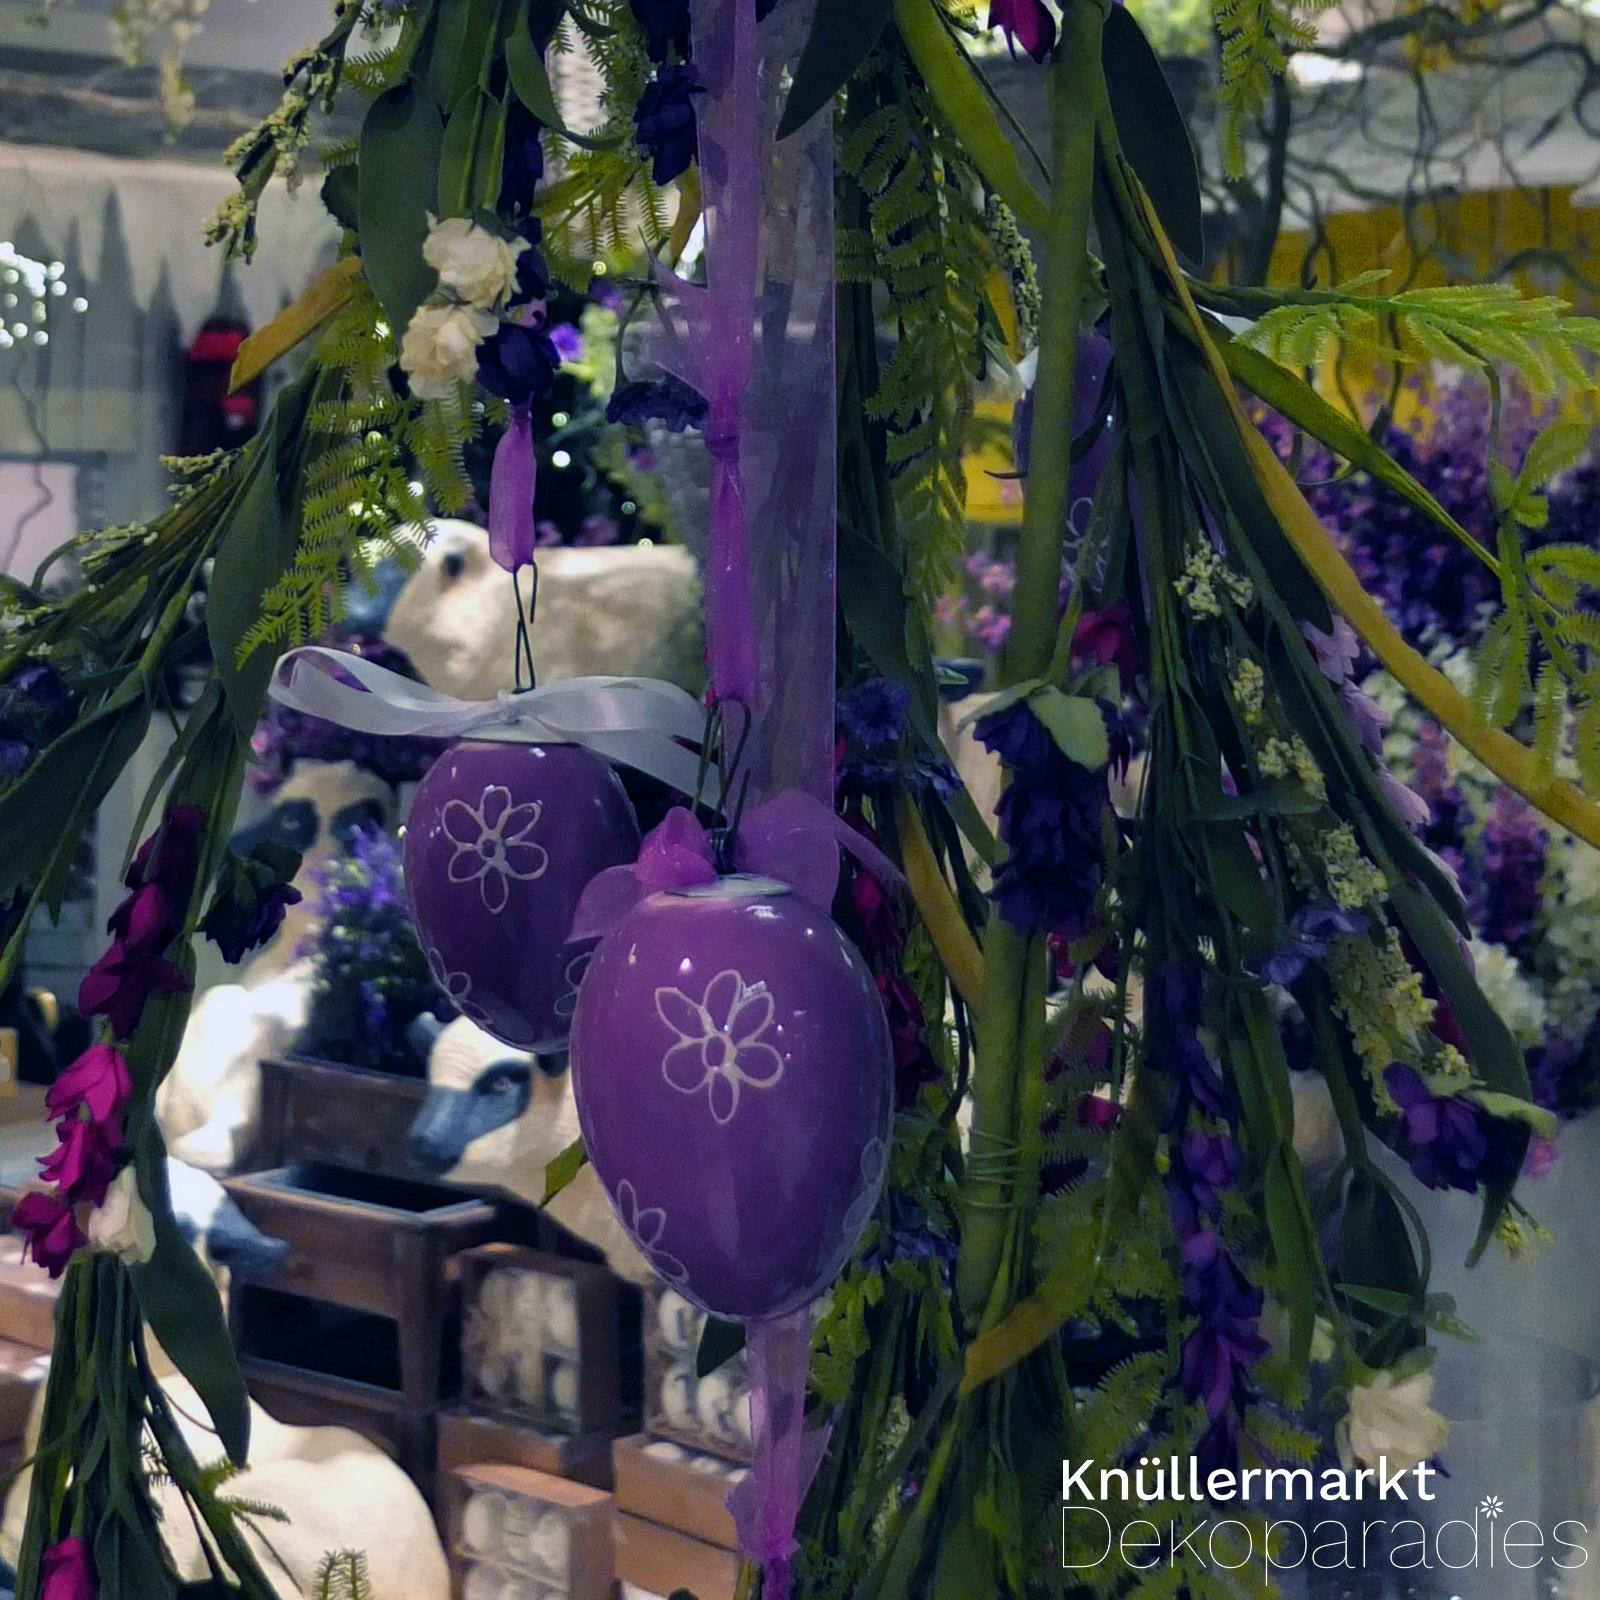 gallerie-4-themenseite-oster-ostern-easter-hase-eier-blume-deko-paradies-knuellermarkt